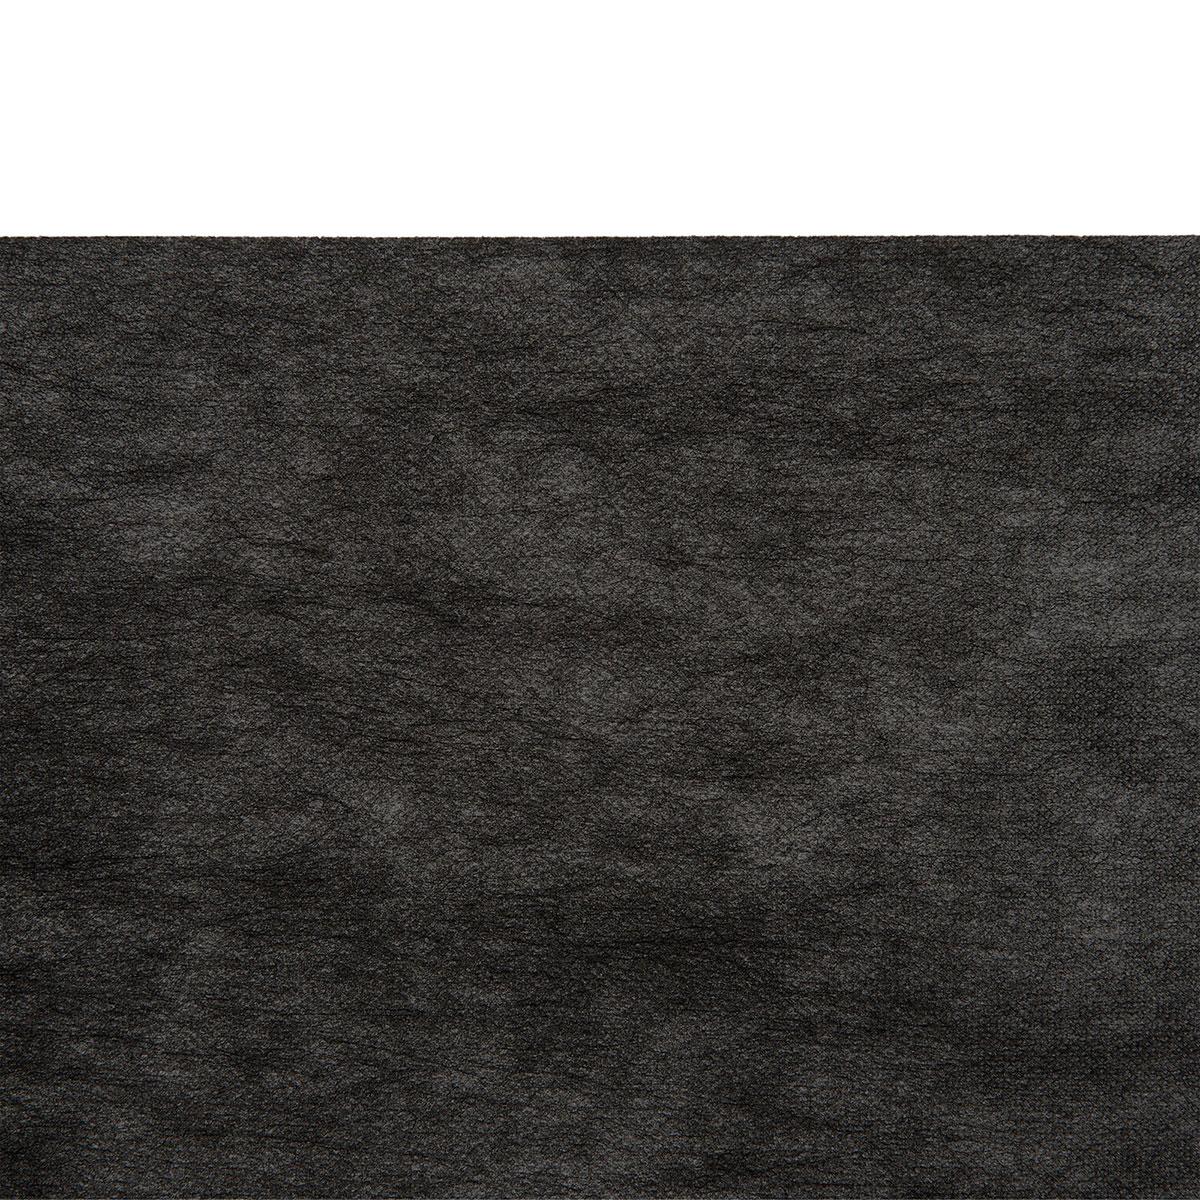 gartenvlies 50g m 1 6m x 40m unkrautvlies nutzgartenvlies unkrautfolie. Black Bedroom Furniture Sets. Home Design Ideas